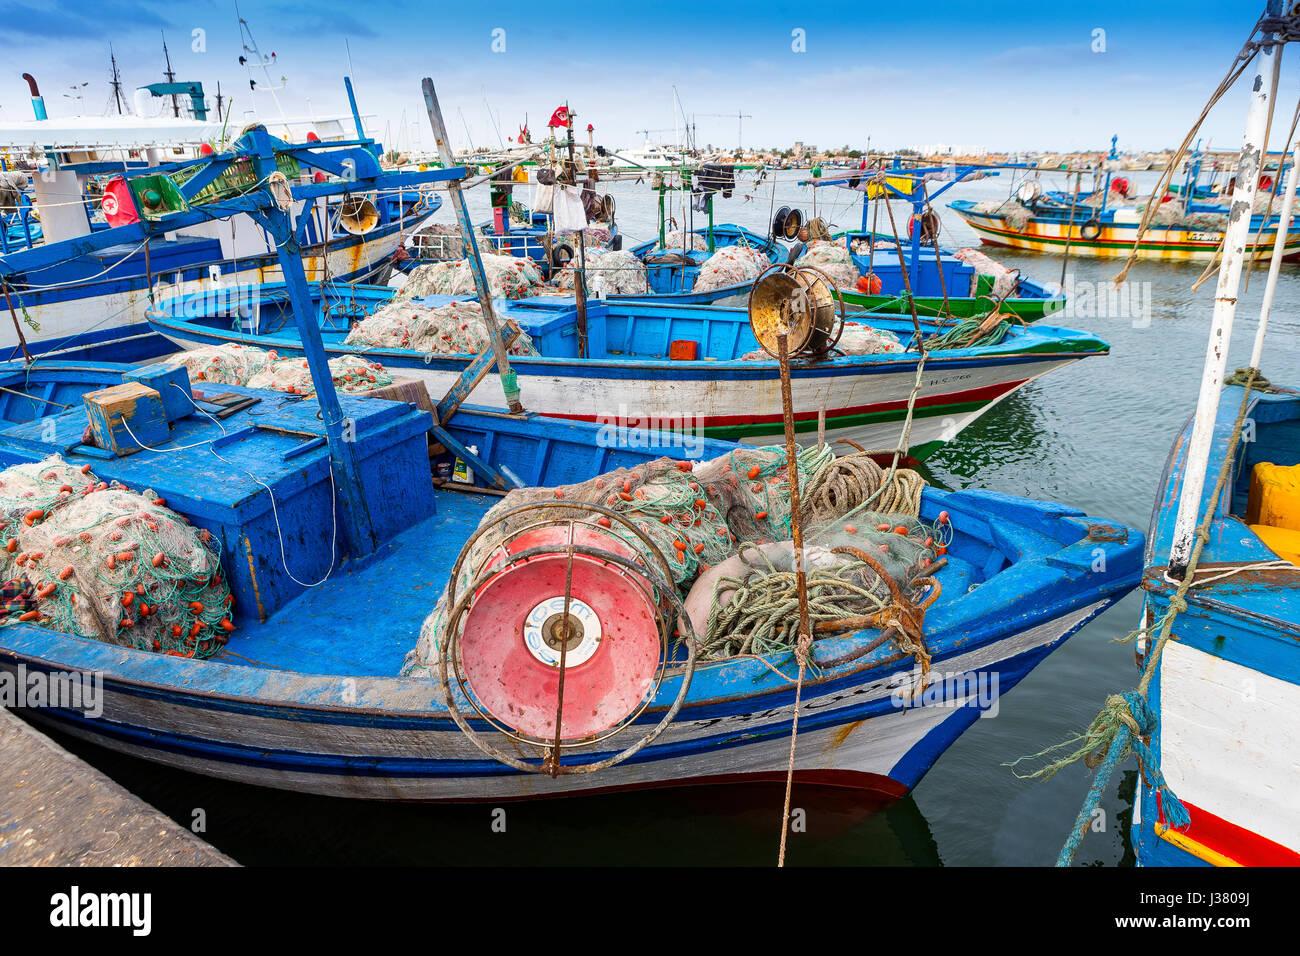 Bateau de pêche traditionnel dans rHoumt Souk, Marina, Tunisie, bateaux de pêche, l'île de Djerba, Photo Stock